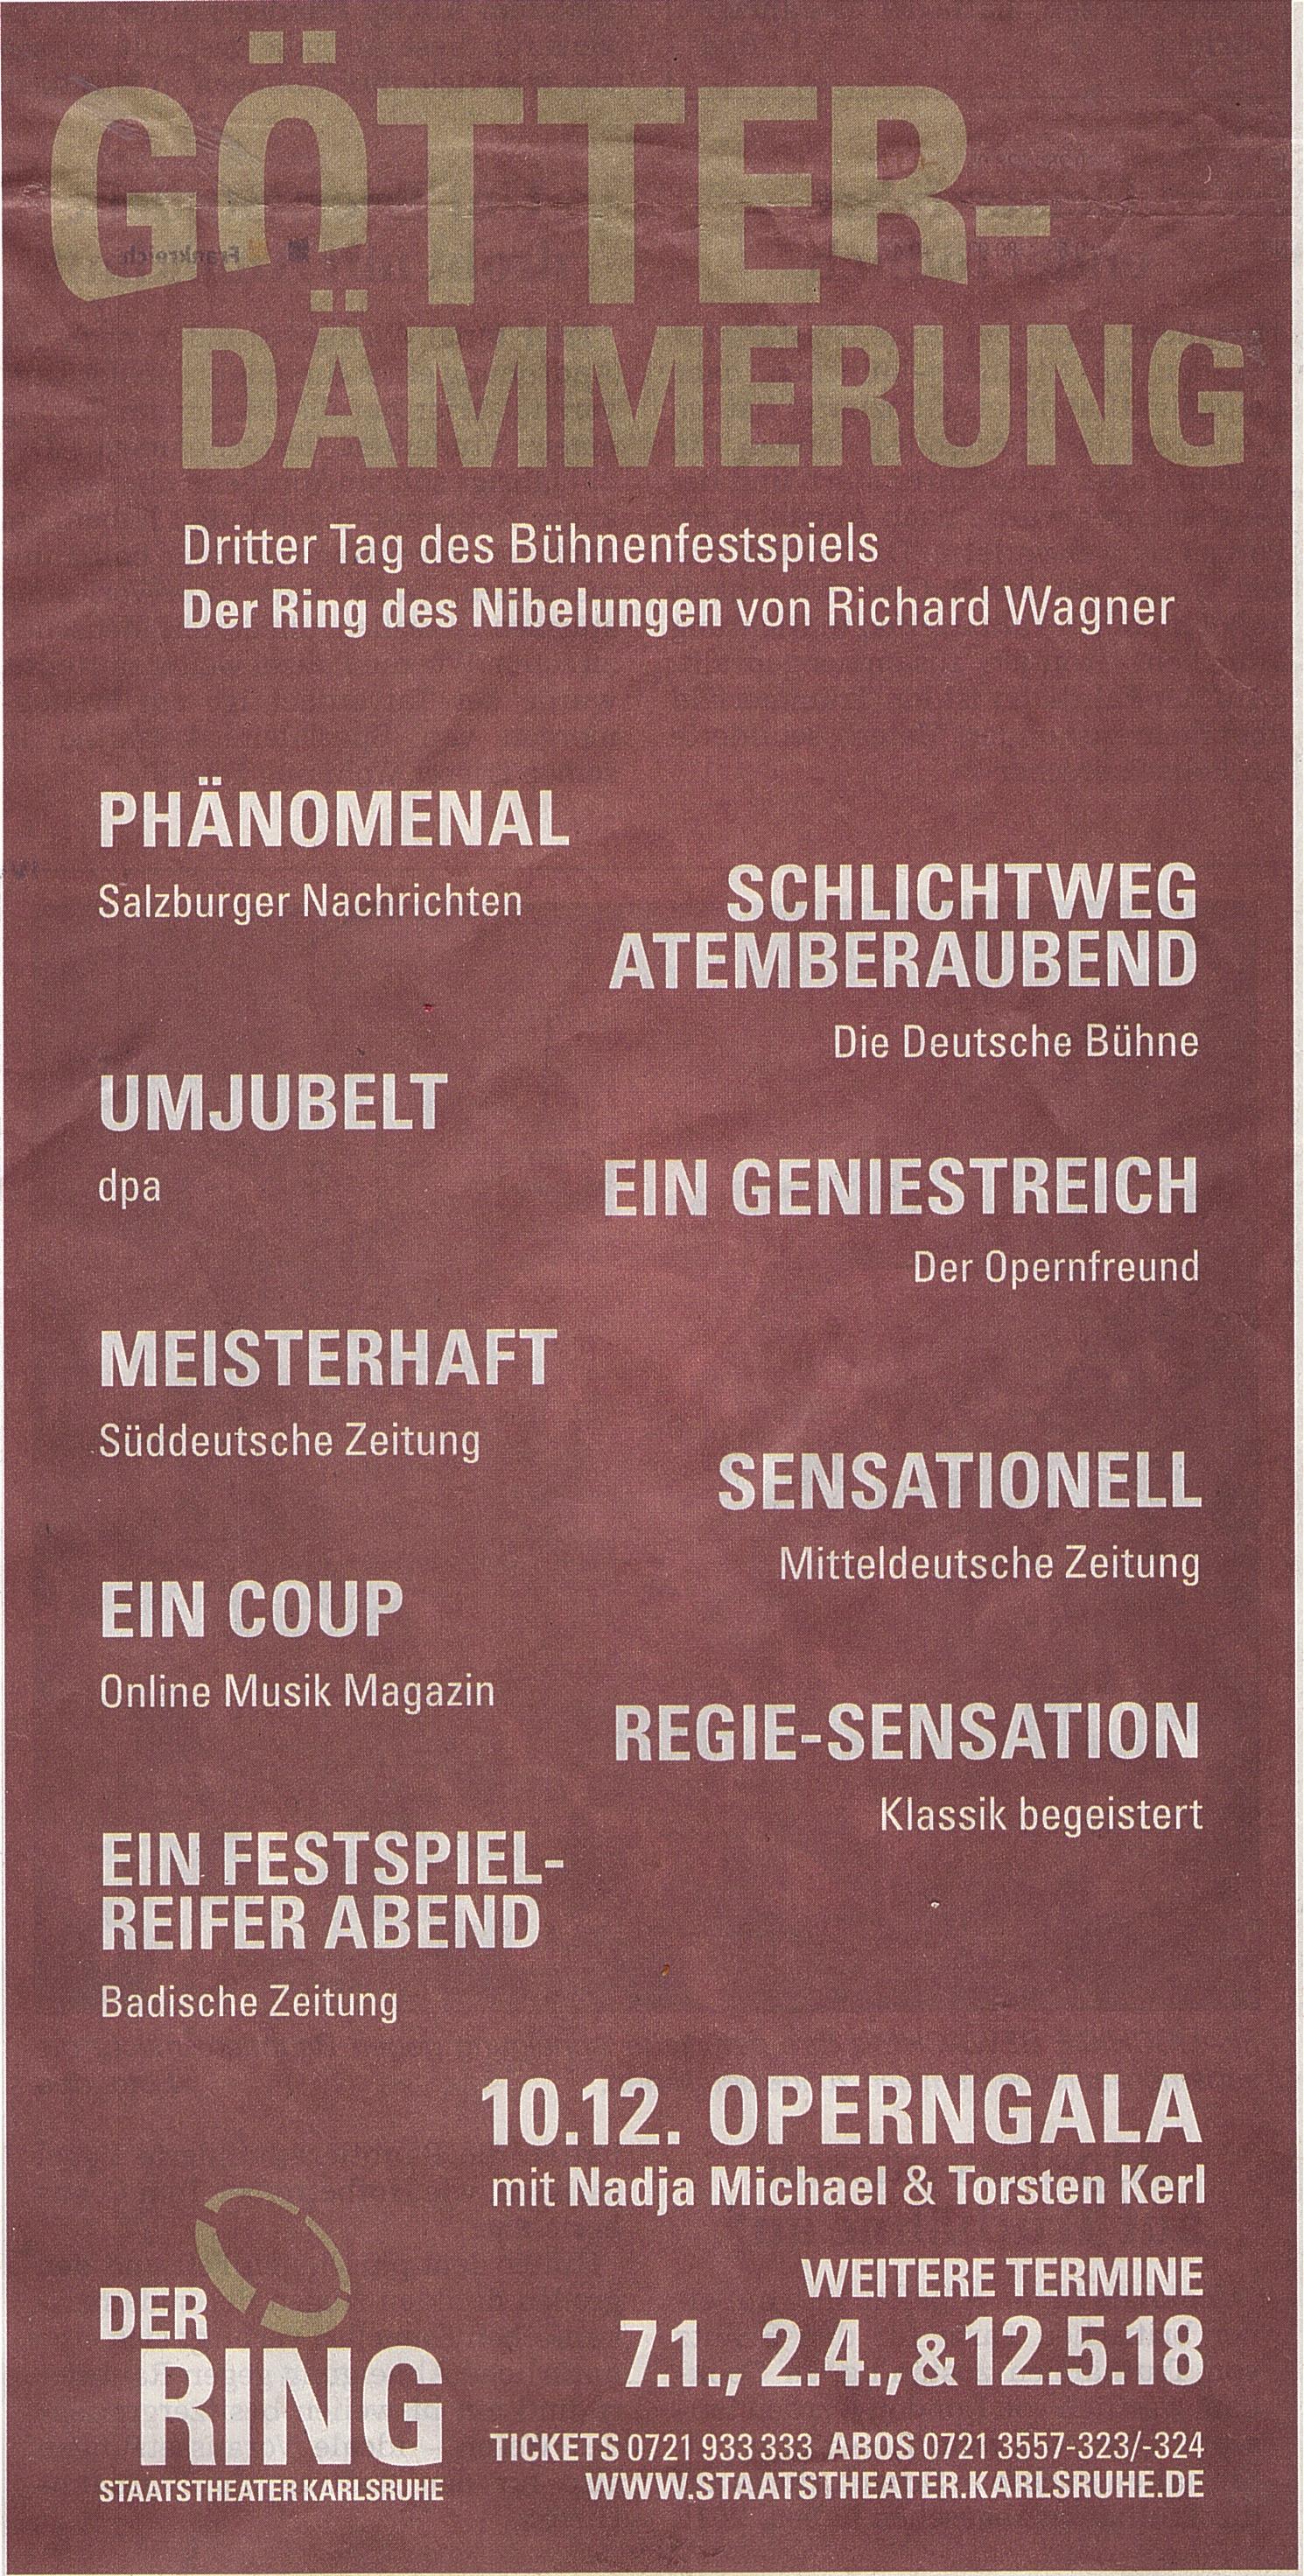 Konzert und Theater 2017 | Jürgen Köhler